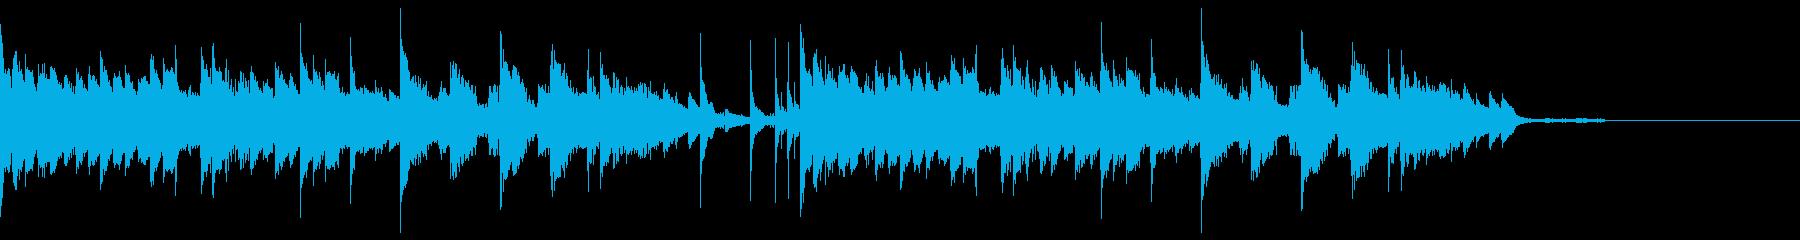 ピアノジングル7、クール、和風の再生済みの波形